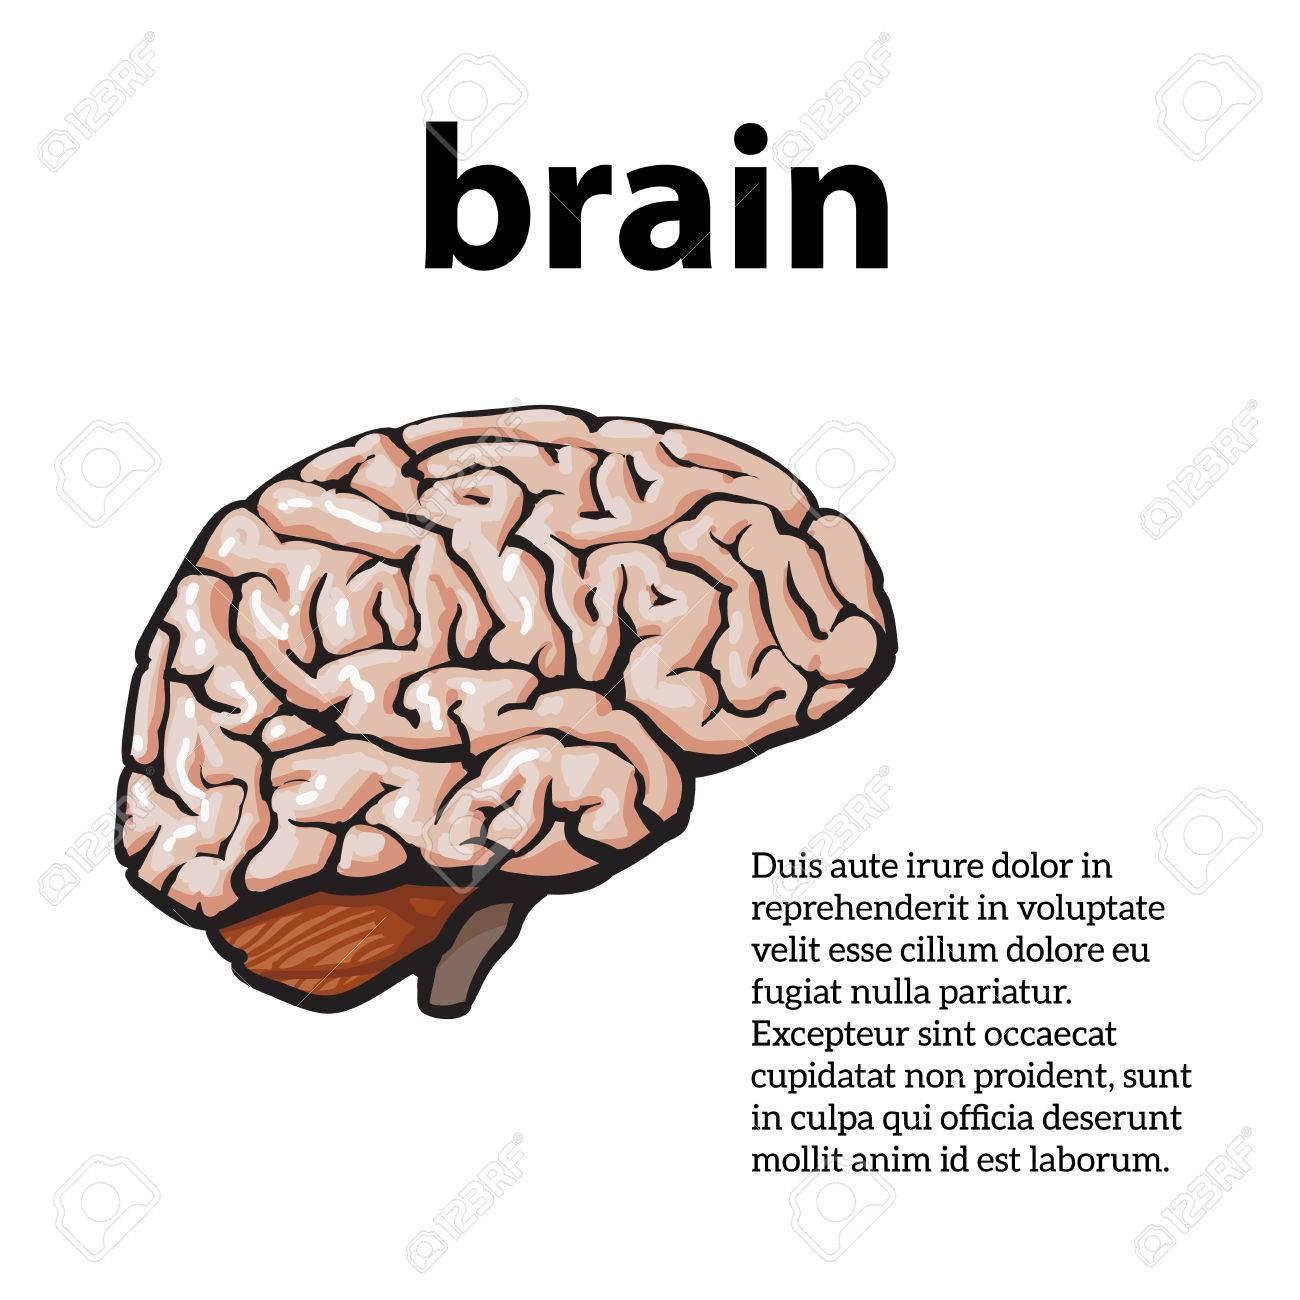 Das Menschliche Gehirn, Illustration Skizze Eines Gehirns Auf Einem ...